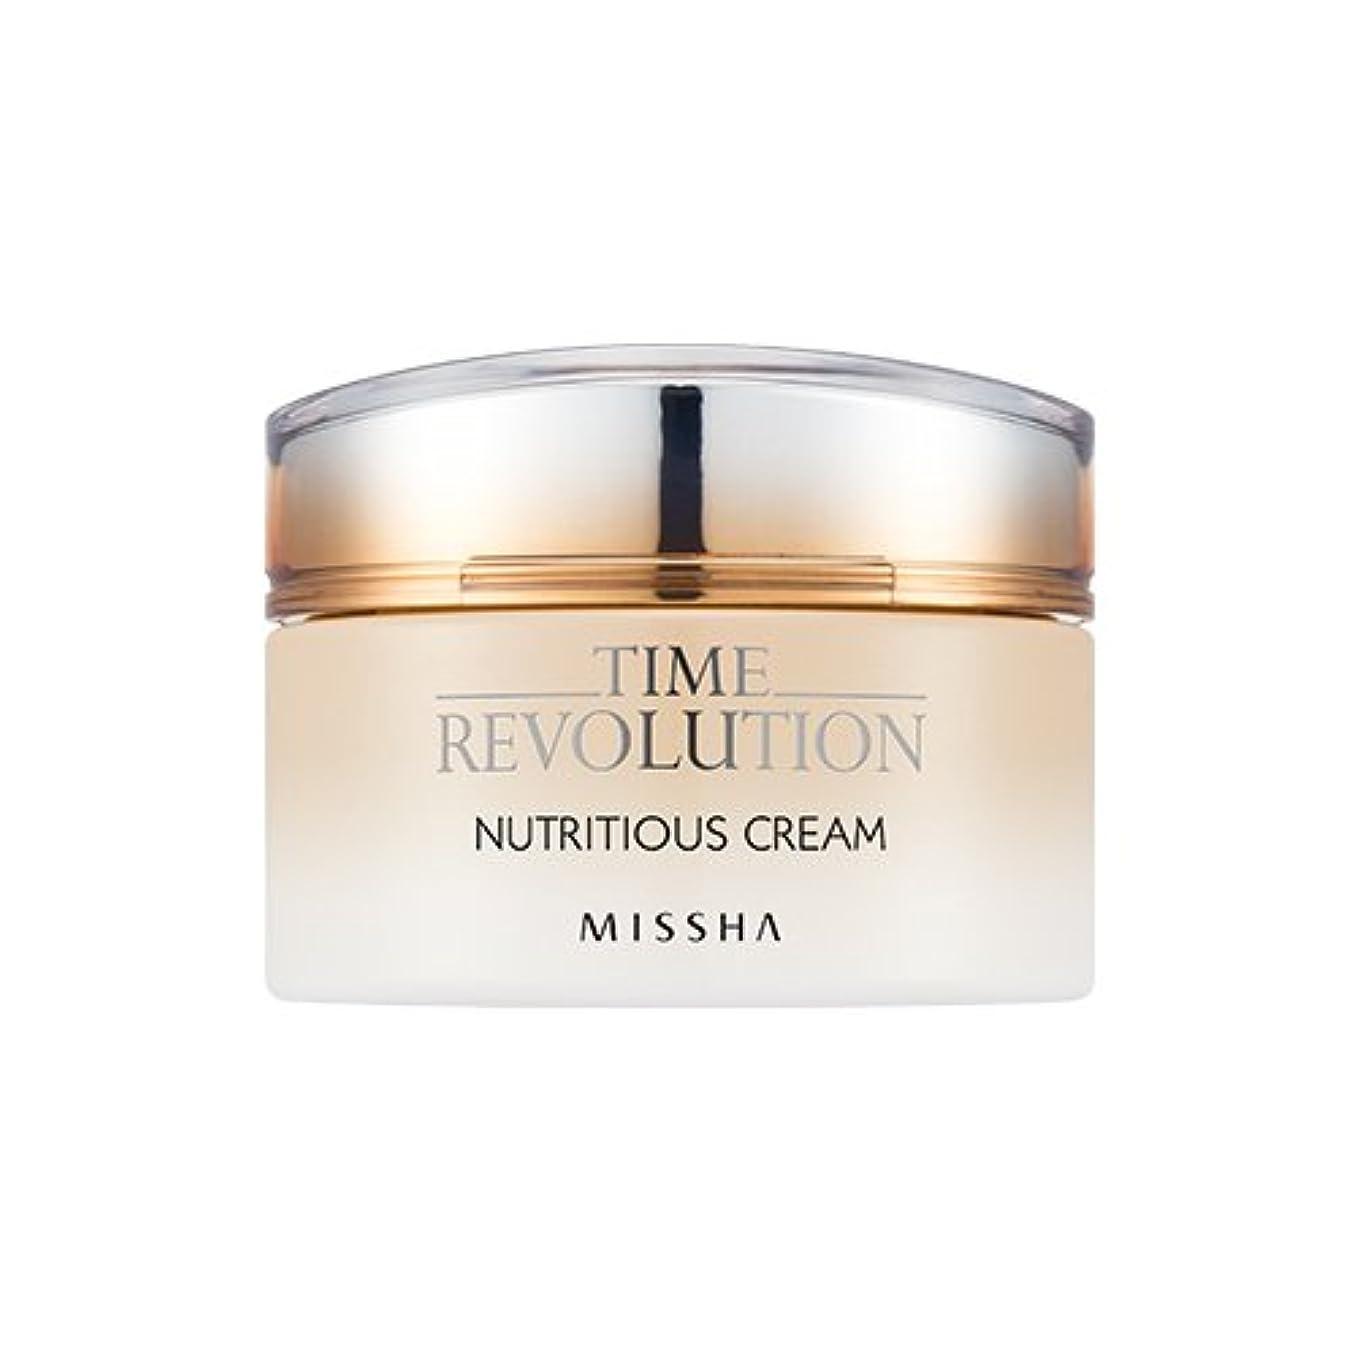 確かに帳面指令[New] MISSHA Time Revolution Nutritious Cream 50ml/ミシャ タイム レボリューション ニュートリシャス クリーム 50ml [並行輸入品]